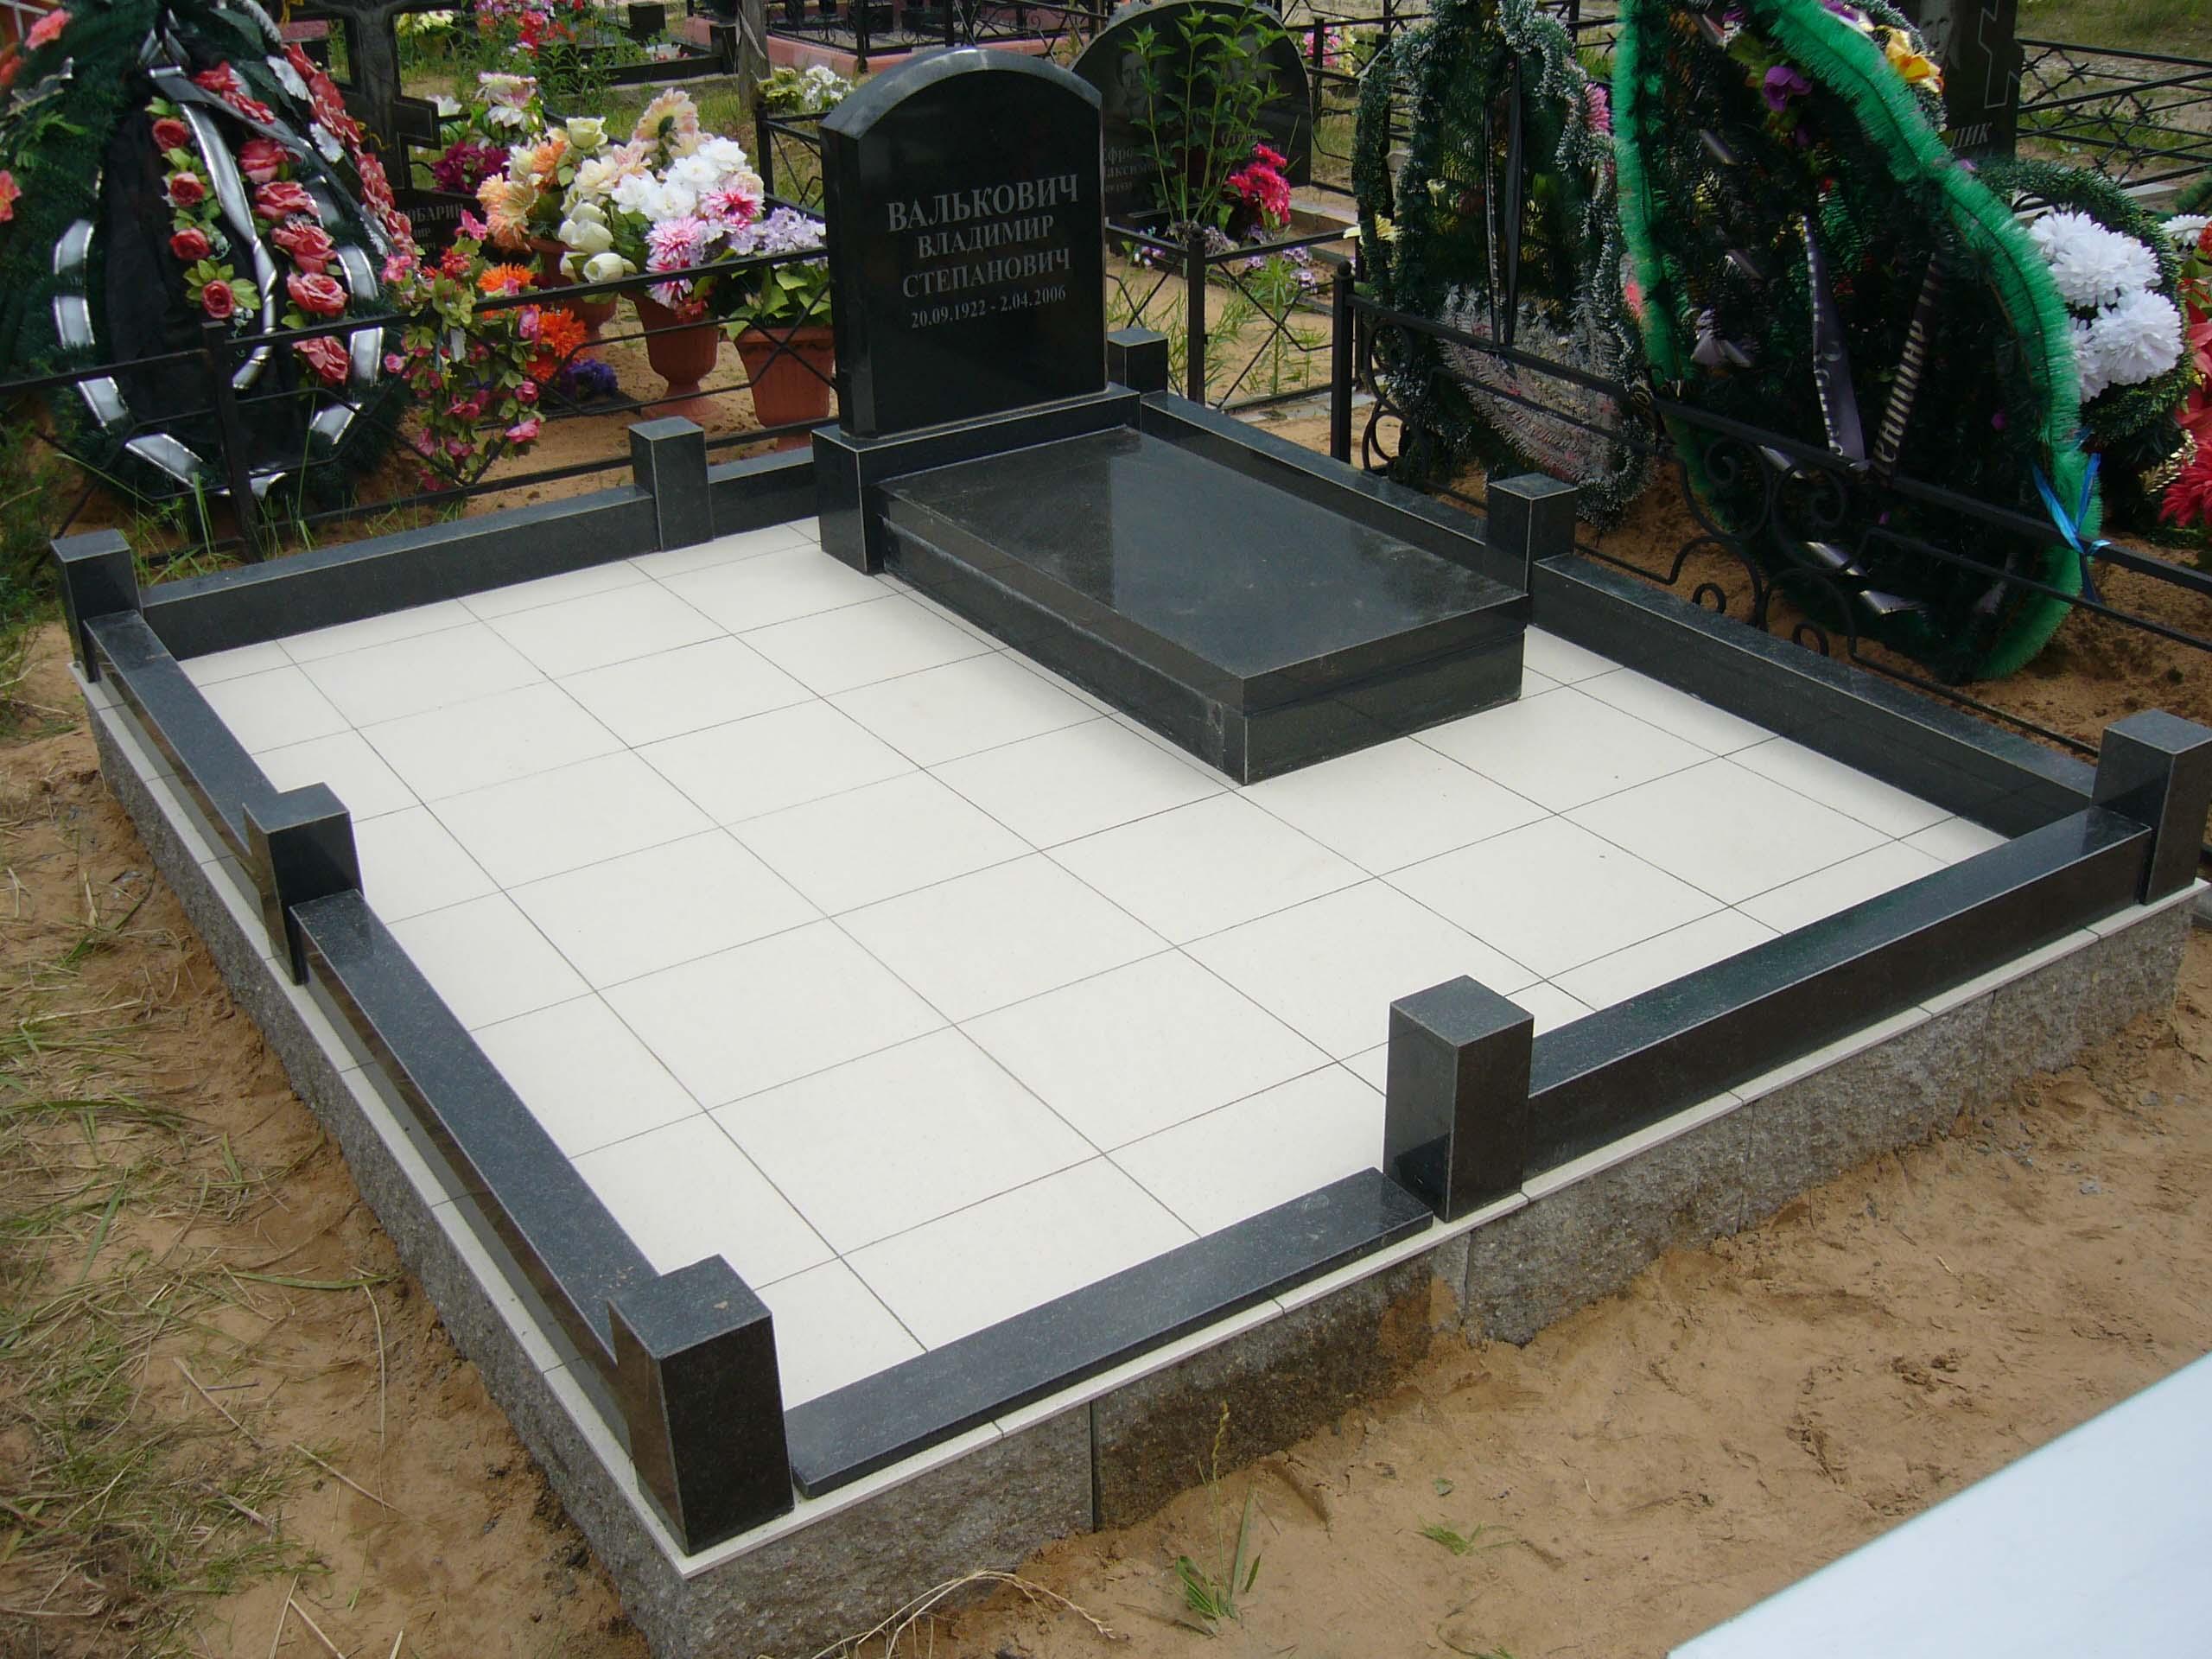 Как положить плитку на кладбище 24